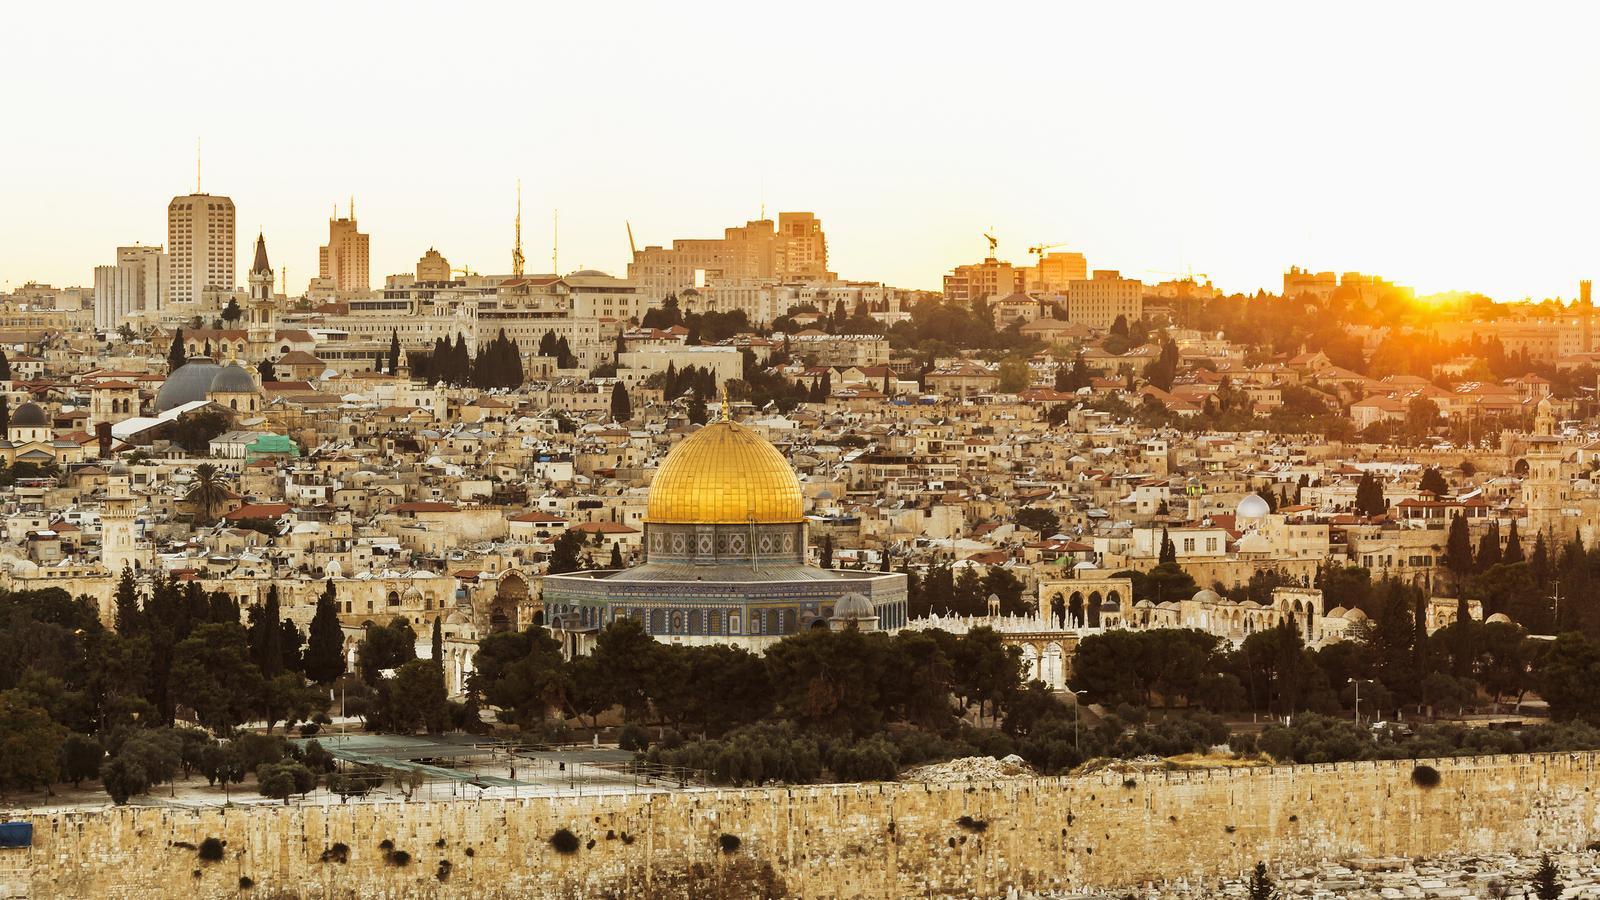 Syndrom jerozolimski: Szaleństwo przy wieży Dawida